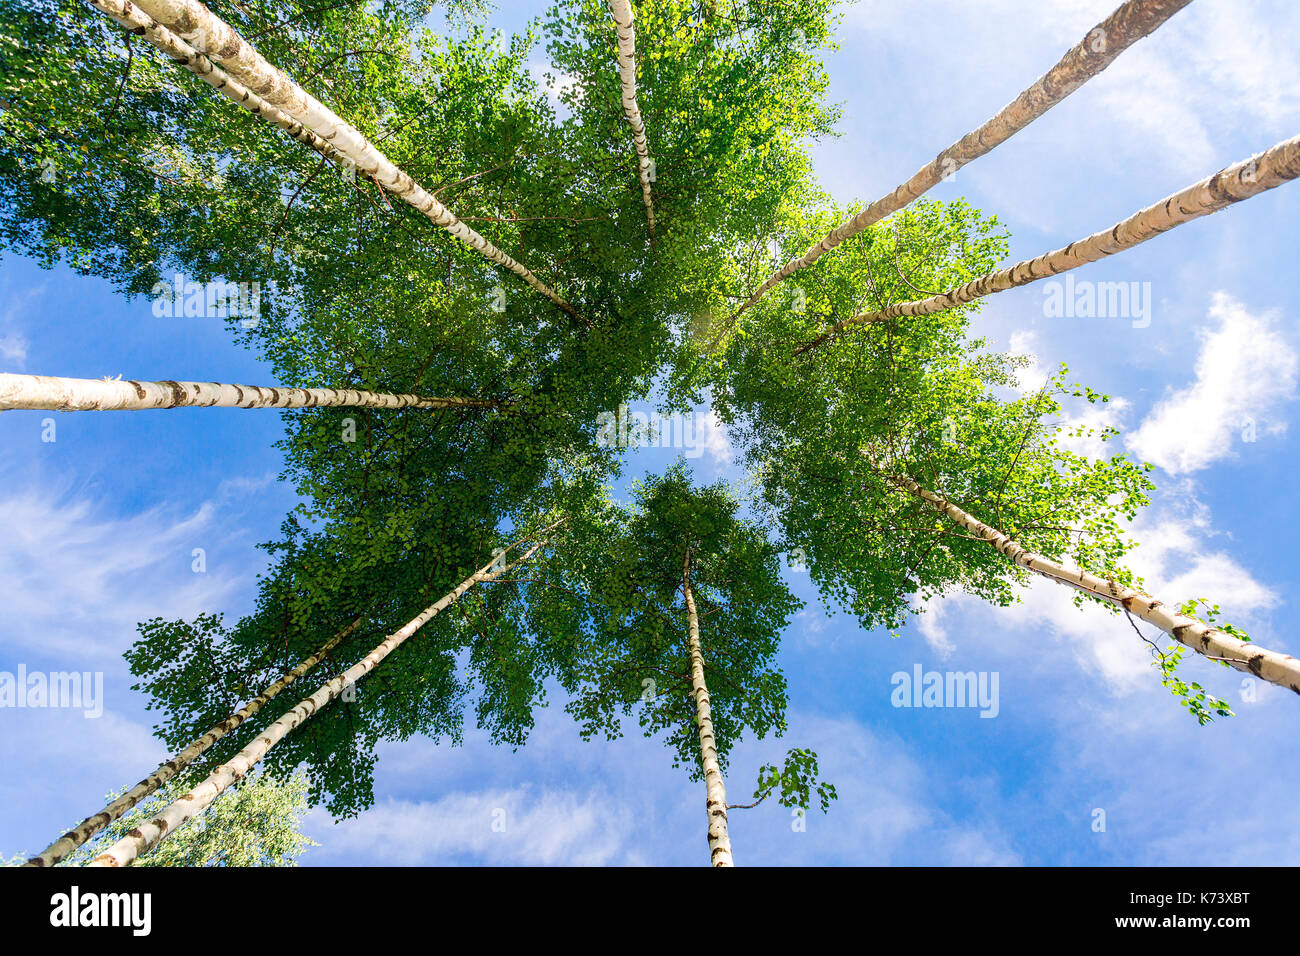 Corone di alti alberi di betulla sopra la sua testa nella foresta contro un cielo blu. natura selvaggia delle foreste. bosco di latifoglie in estate Immagini Stock